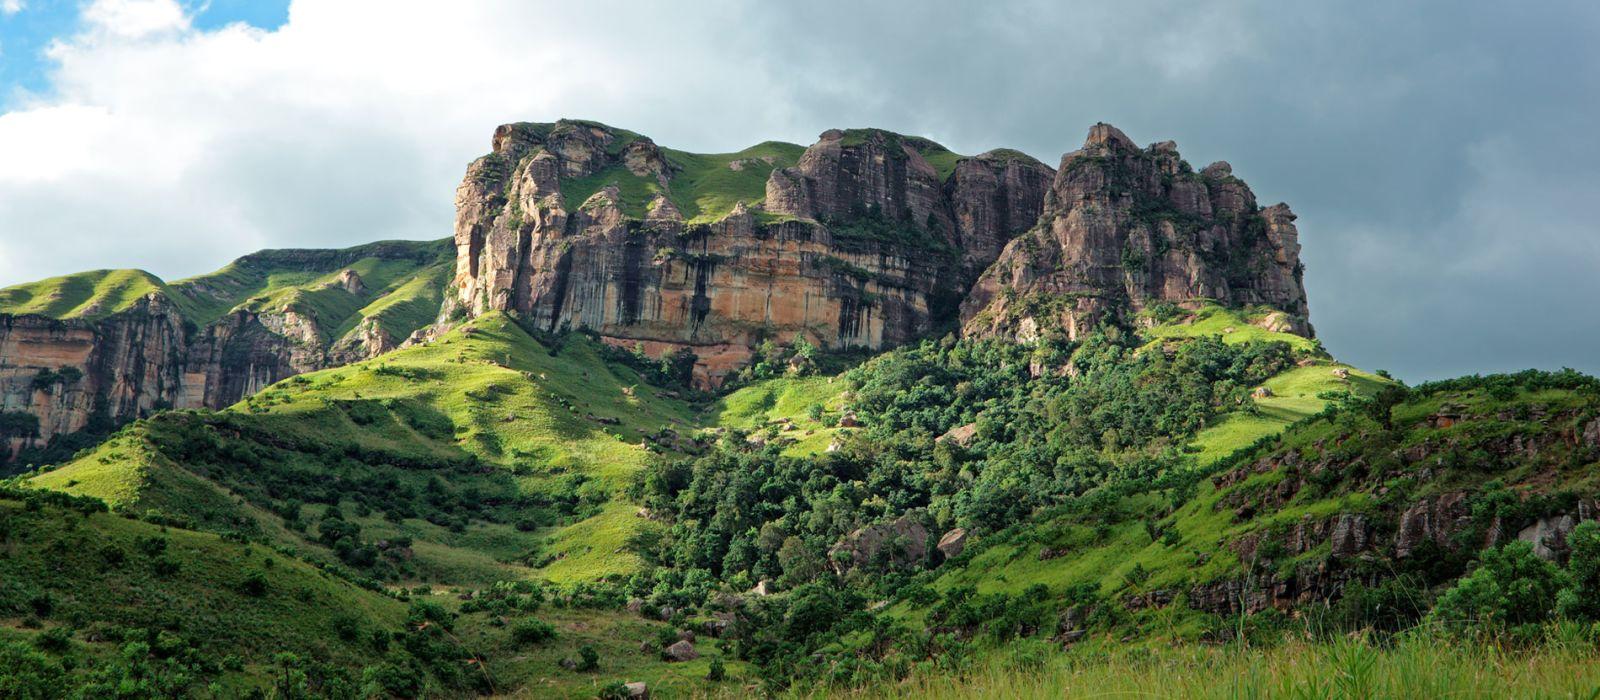 Wanderparadies Südliches Afrika: Abenteuerurlaub zu Fuß und zu Pferd Urlaub 1